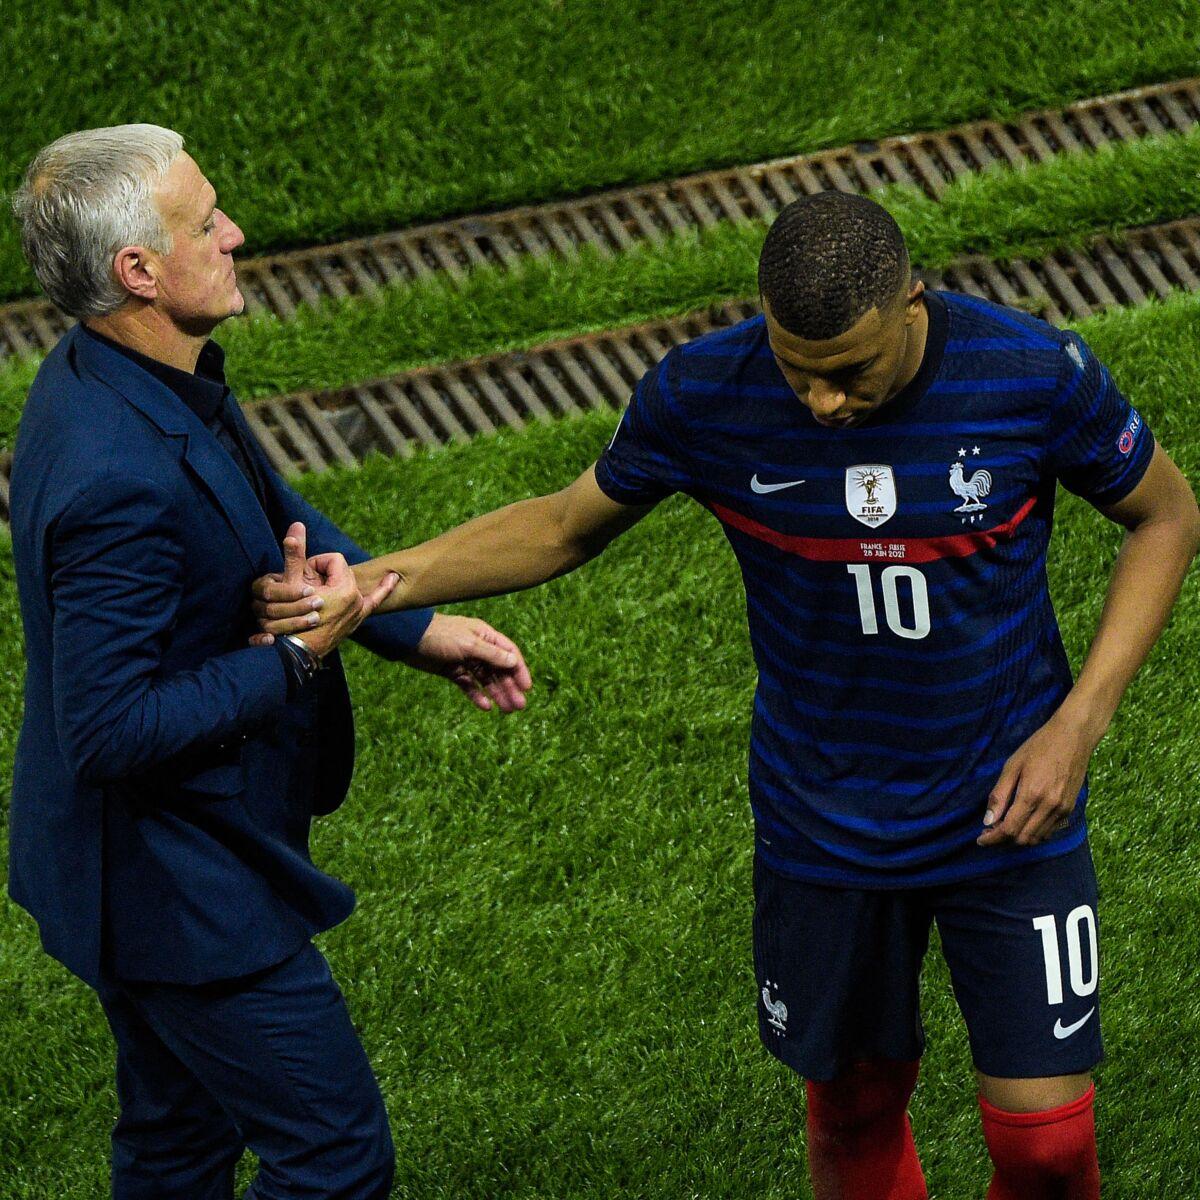 Équipe De France Euro 2021 Dispositif - Euro 2021 Pourquoi L Hotel Des Bleus Les A Rendu Fous Femme Actuelle Le Mag